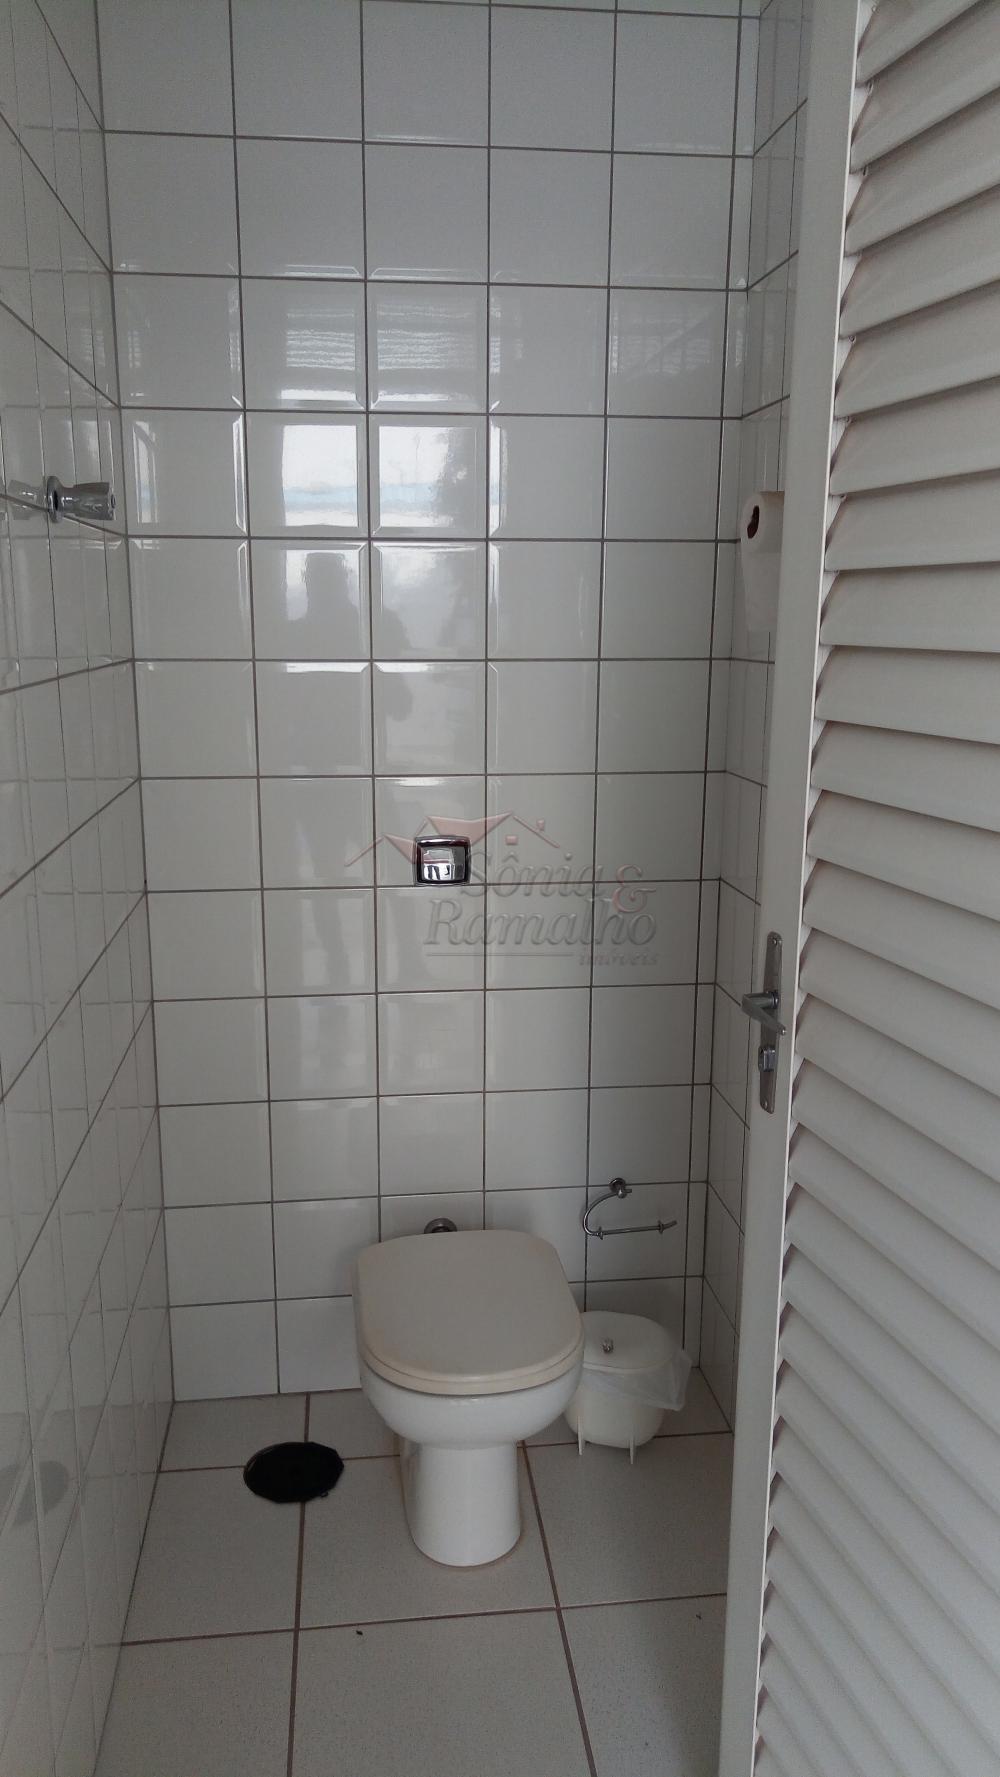 Alugar Casas / Sobrado em Ribeirão Preto apenas R$ 3.800,00 - Foto 41